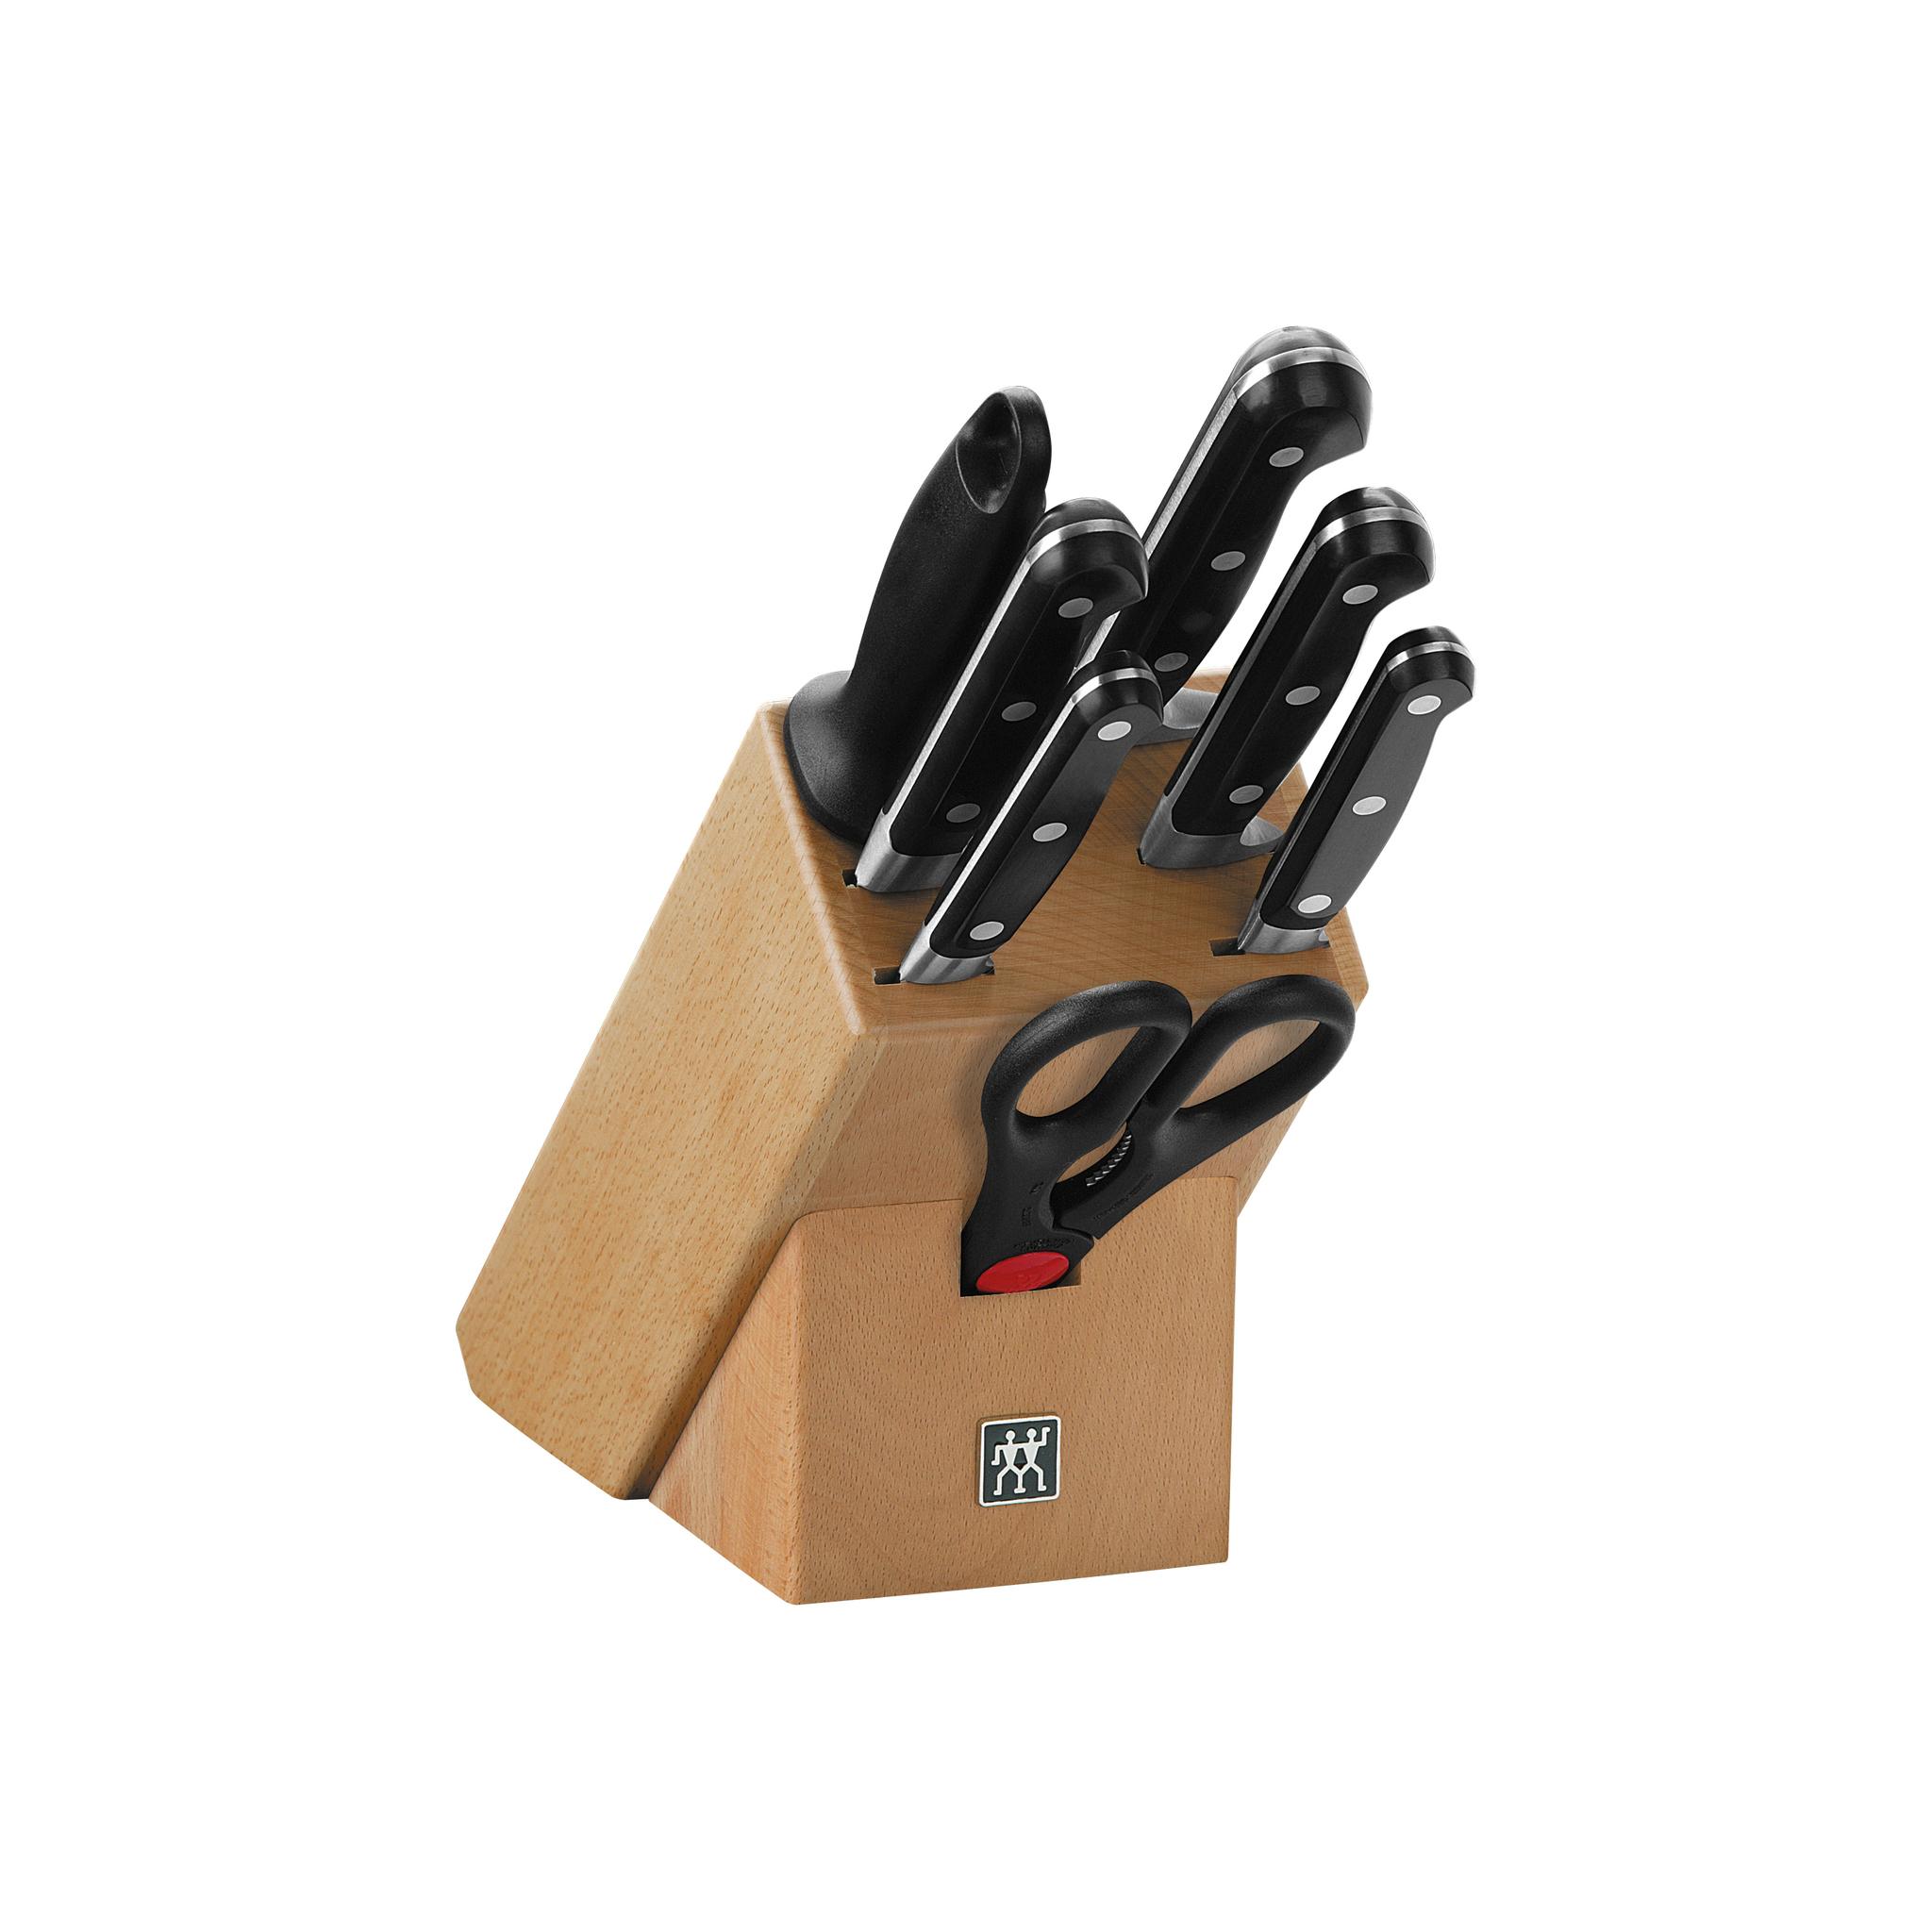 Набор из 5 ножей, мусата и ножниц в подставке Zwilling Professional S 35662-000Наборы однослойных ножей (от-2300руб.)<br>Набор из 5 ножей, мусата и ножниц в подставке Zwilling Professional S 35662-000<br><br><br>В набор Professional S входят:<br><br>нож для овощей 100 мм<br>нож универсальный 130 мм<br>нож для нарезки 200 мм<br>нож для хлеба 200 мм<br>нож поварской 200 мм<br>мусат стальной 230 мм<br>ножницы многофункциональные<br>деревянная подставка<br><br>Ножи: овощной, универсальный, для нарезки,поварской, хлебный; мусат; ножницы; подставка (дерево). Ножи изготовлены из высококачественной нержавеющей стали, рукоятка покрыта пластиком. <br>Мыть теплой водой с применением жидкого моющего средства, вытирать насухо. Мыть теплой водой с применением жидкого моющего средства, вытирать насухо. Использовать специальную разделочную поверхность (деревянную или пластиковую). Не использовать в качестве открывалки или отвертки, не ронять на пол, не класть на горячие конфорки. Подставку протирать по мере загрязнения влажной тряпочкой, иногда наносить тонким слоем растительное масло для предотвращения впитывания деревом воды, не оставлять в воде, не мыть в посудомоечной машине, не ставить около источников интенсивного тепла, не рекомендуем также хранить во влажных условиях. Использовать только по назначению! Хранить в недоступном для детей месте.<br>Изготовитель: Цвиллинг Джей. Эй. Хенкельс Дейчланд ГмбХ, Грюневальдер Штр., 14-22 Д-42657 Золинген, Германия (Zwilling J.A. Henckels Deutschland GmbH, Grunewalder Str.14-22 D-42657 Solingen Germany).<br>